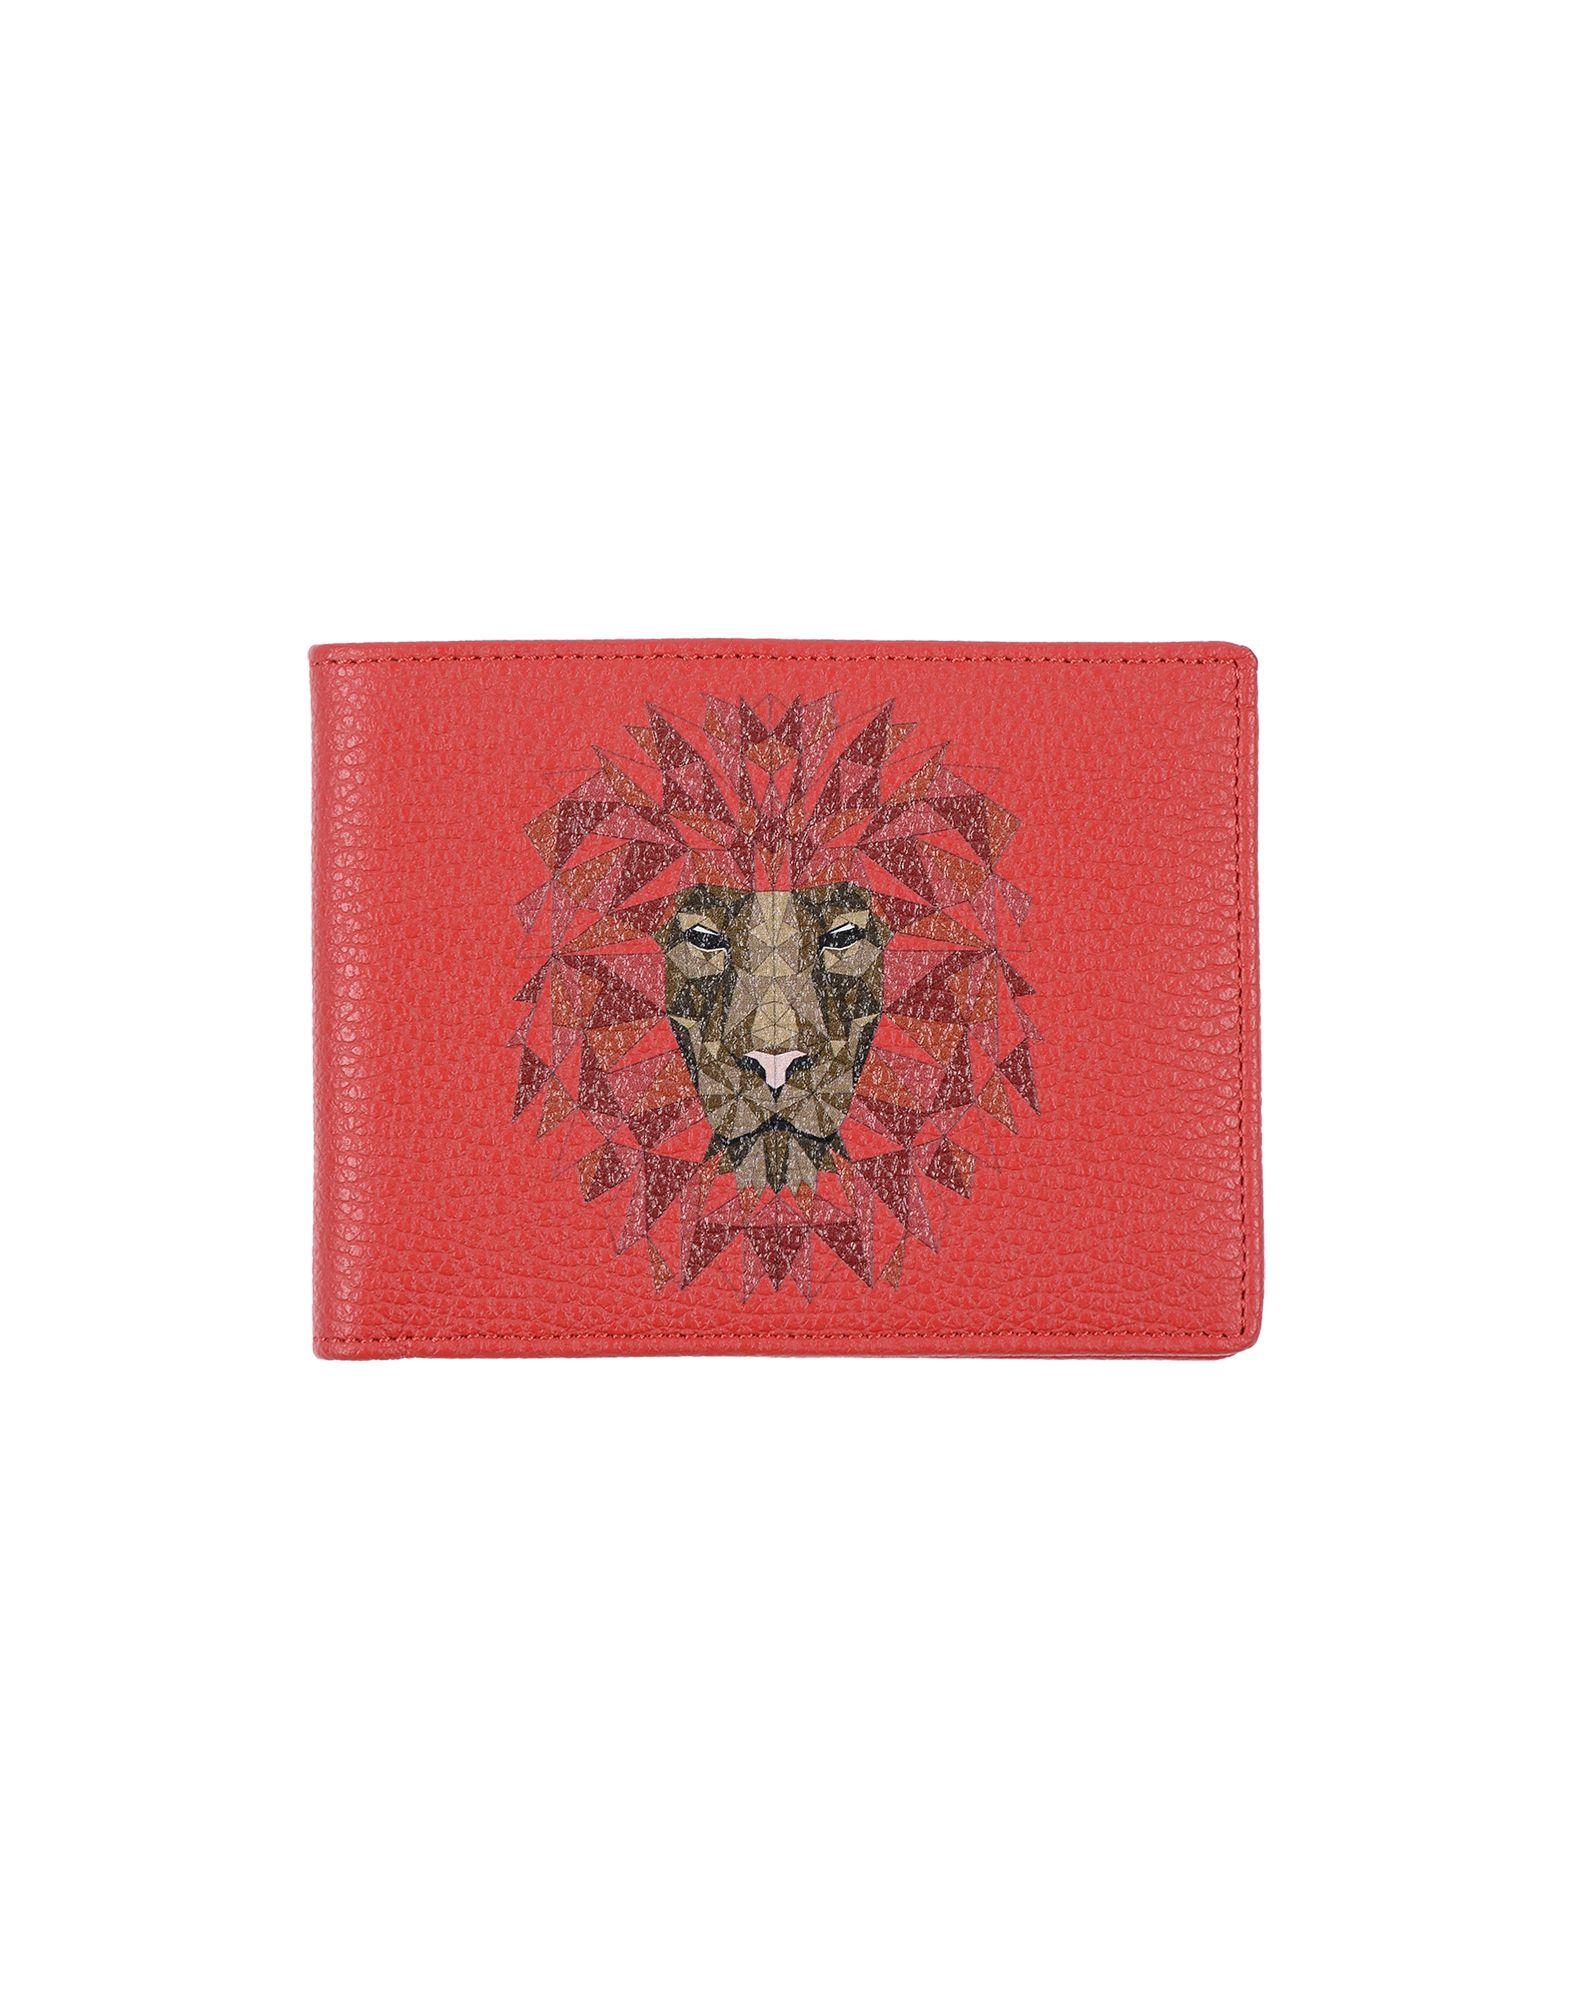 ORCIANI Бумажник marino кожа моды простой короткий бумажник сладкий дикий бумажник 3 раза черные женские модели